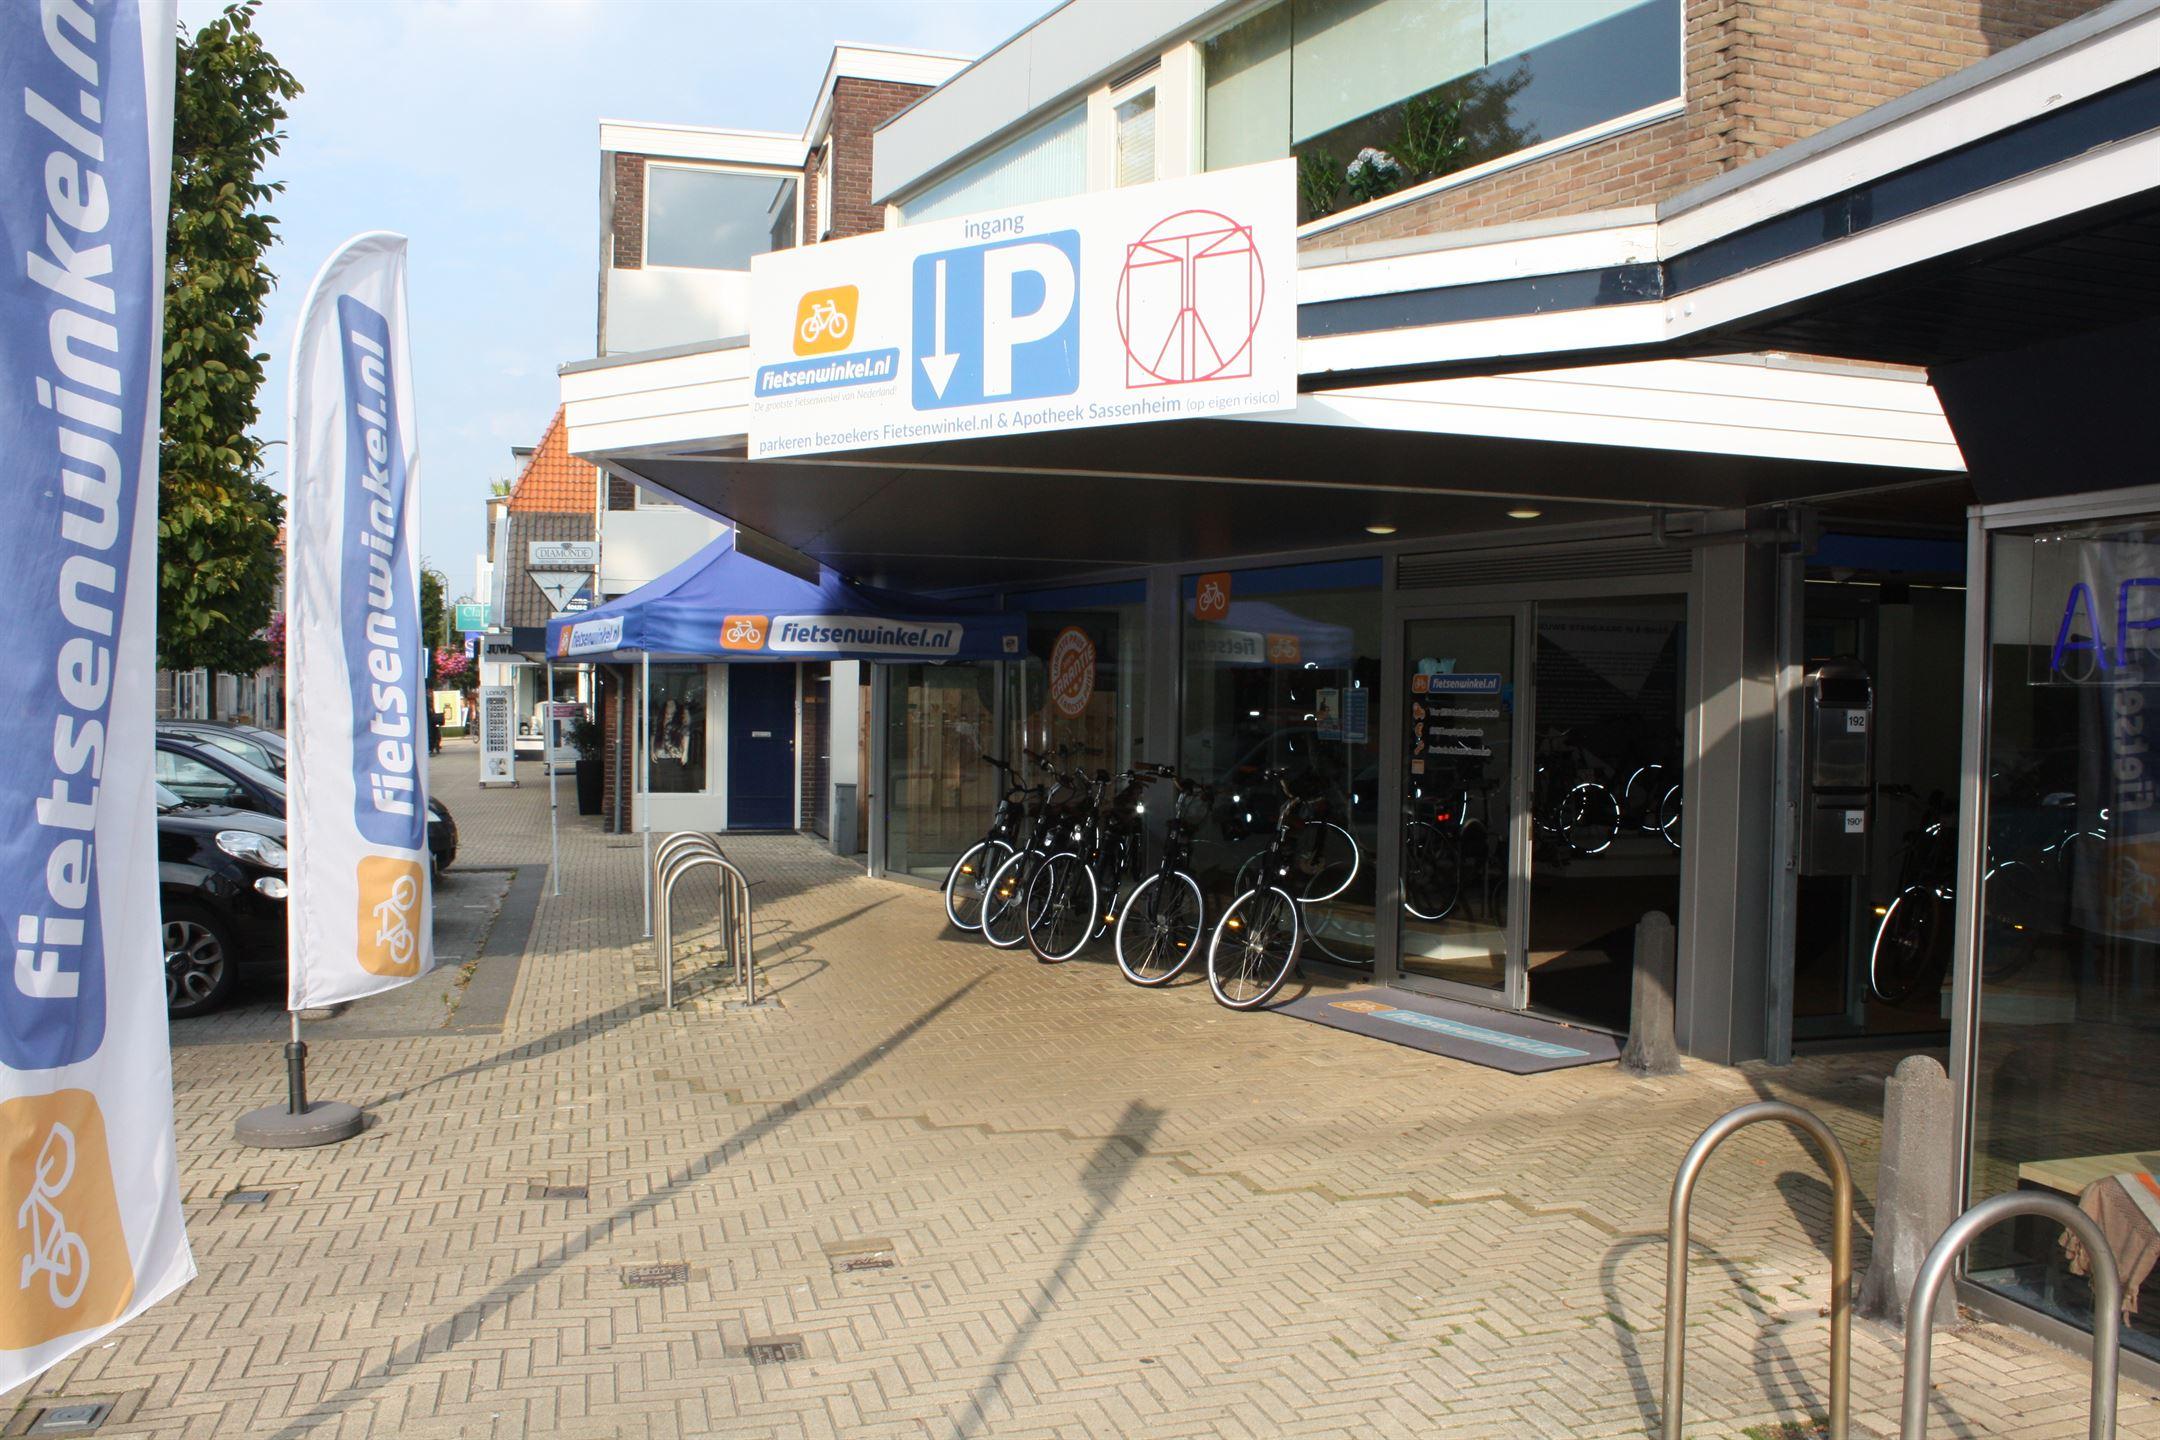 Sassenheim | Zoek verhuurd: Hoofdstraat 190 A 2171 BM Sassenheim ...